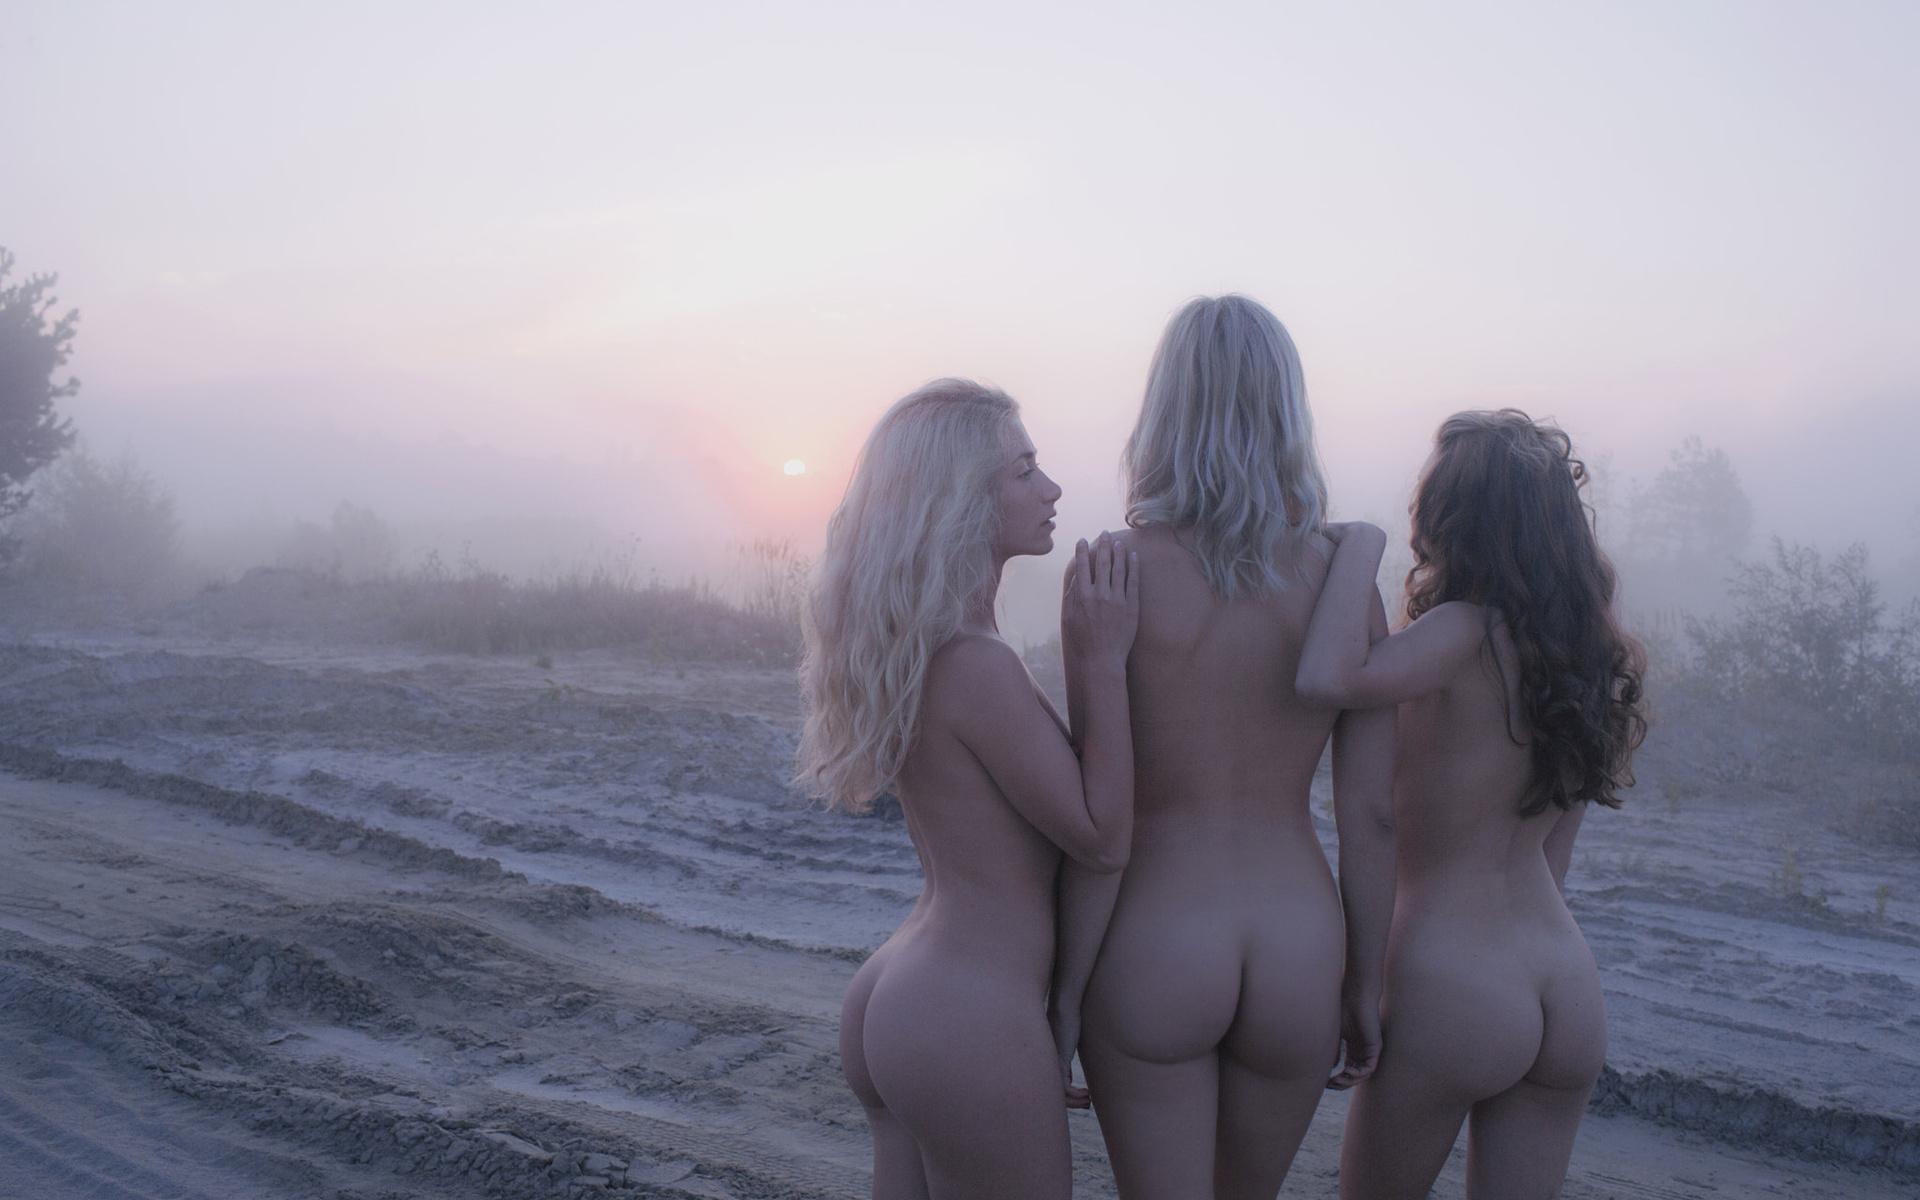 Смотреть лучшую эротику голых девушек на фото онлайн и без СМС